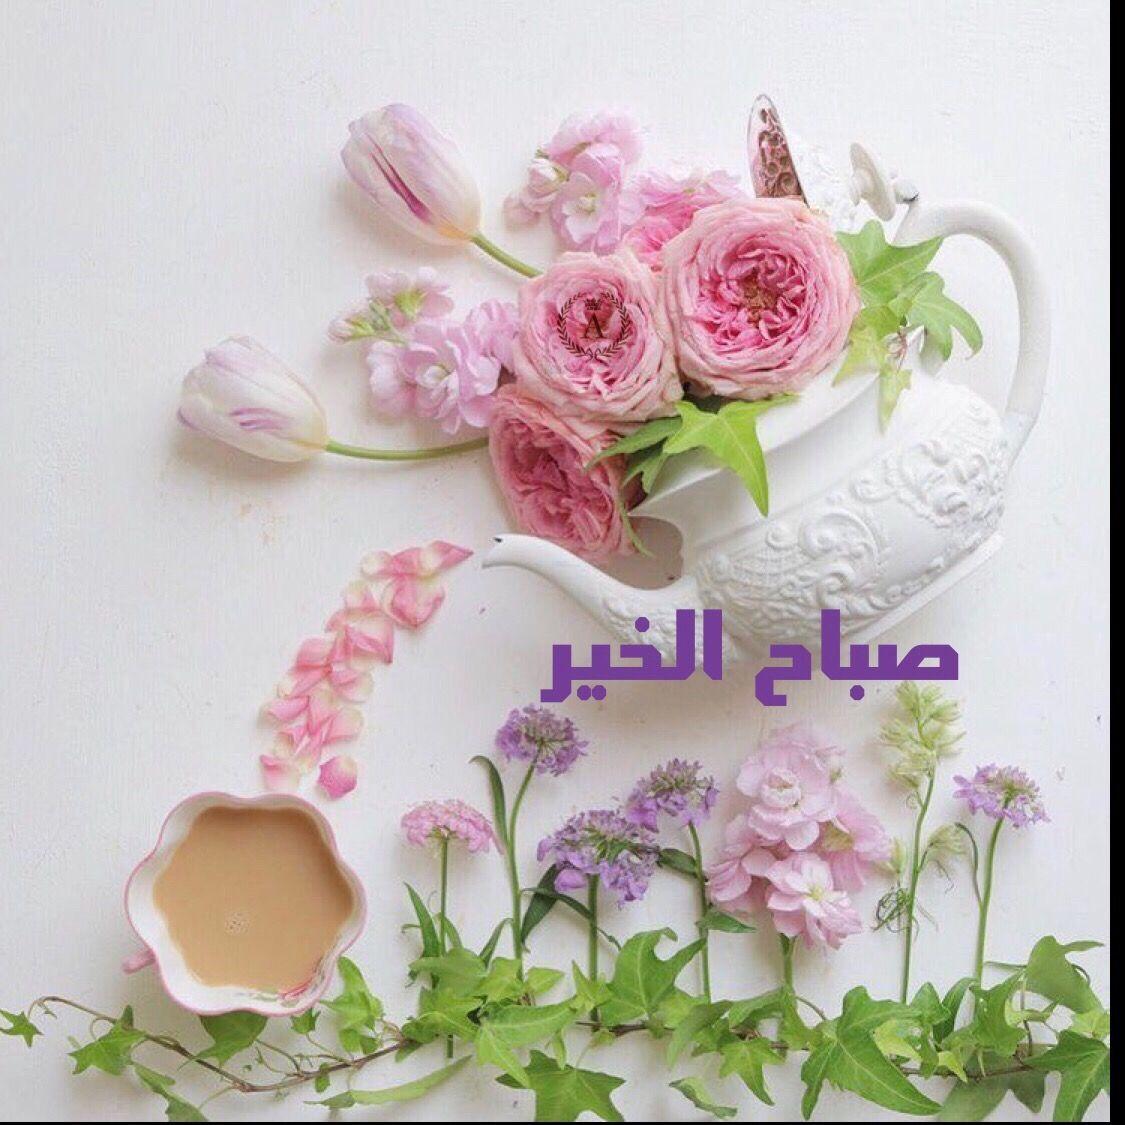 صور صور حب صباح الخير , اجمل صور الصباح